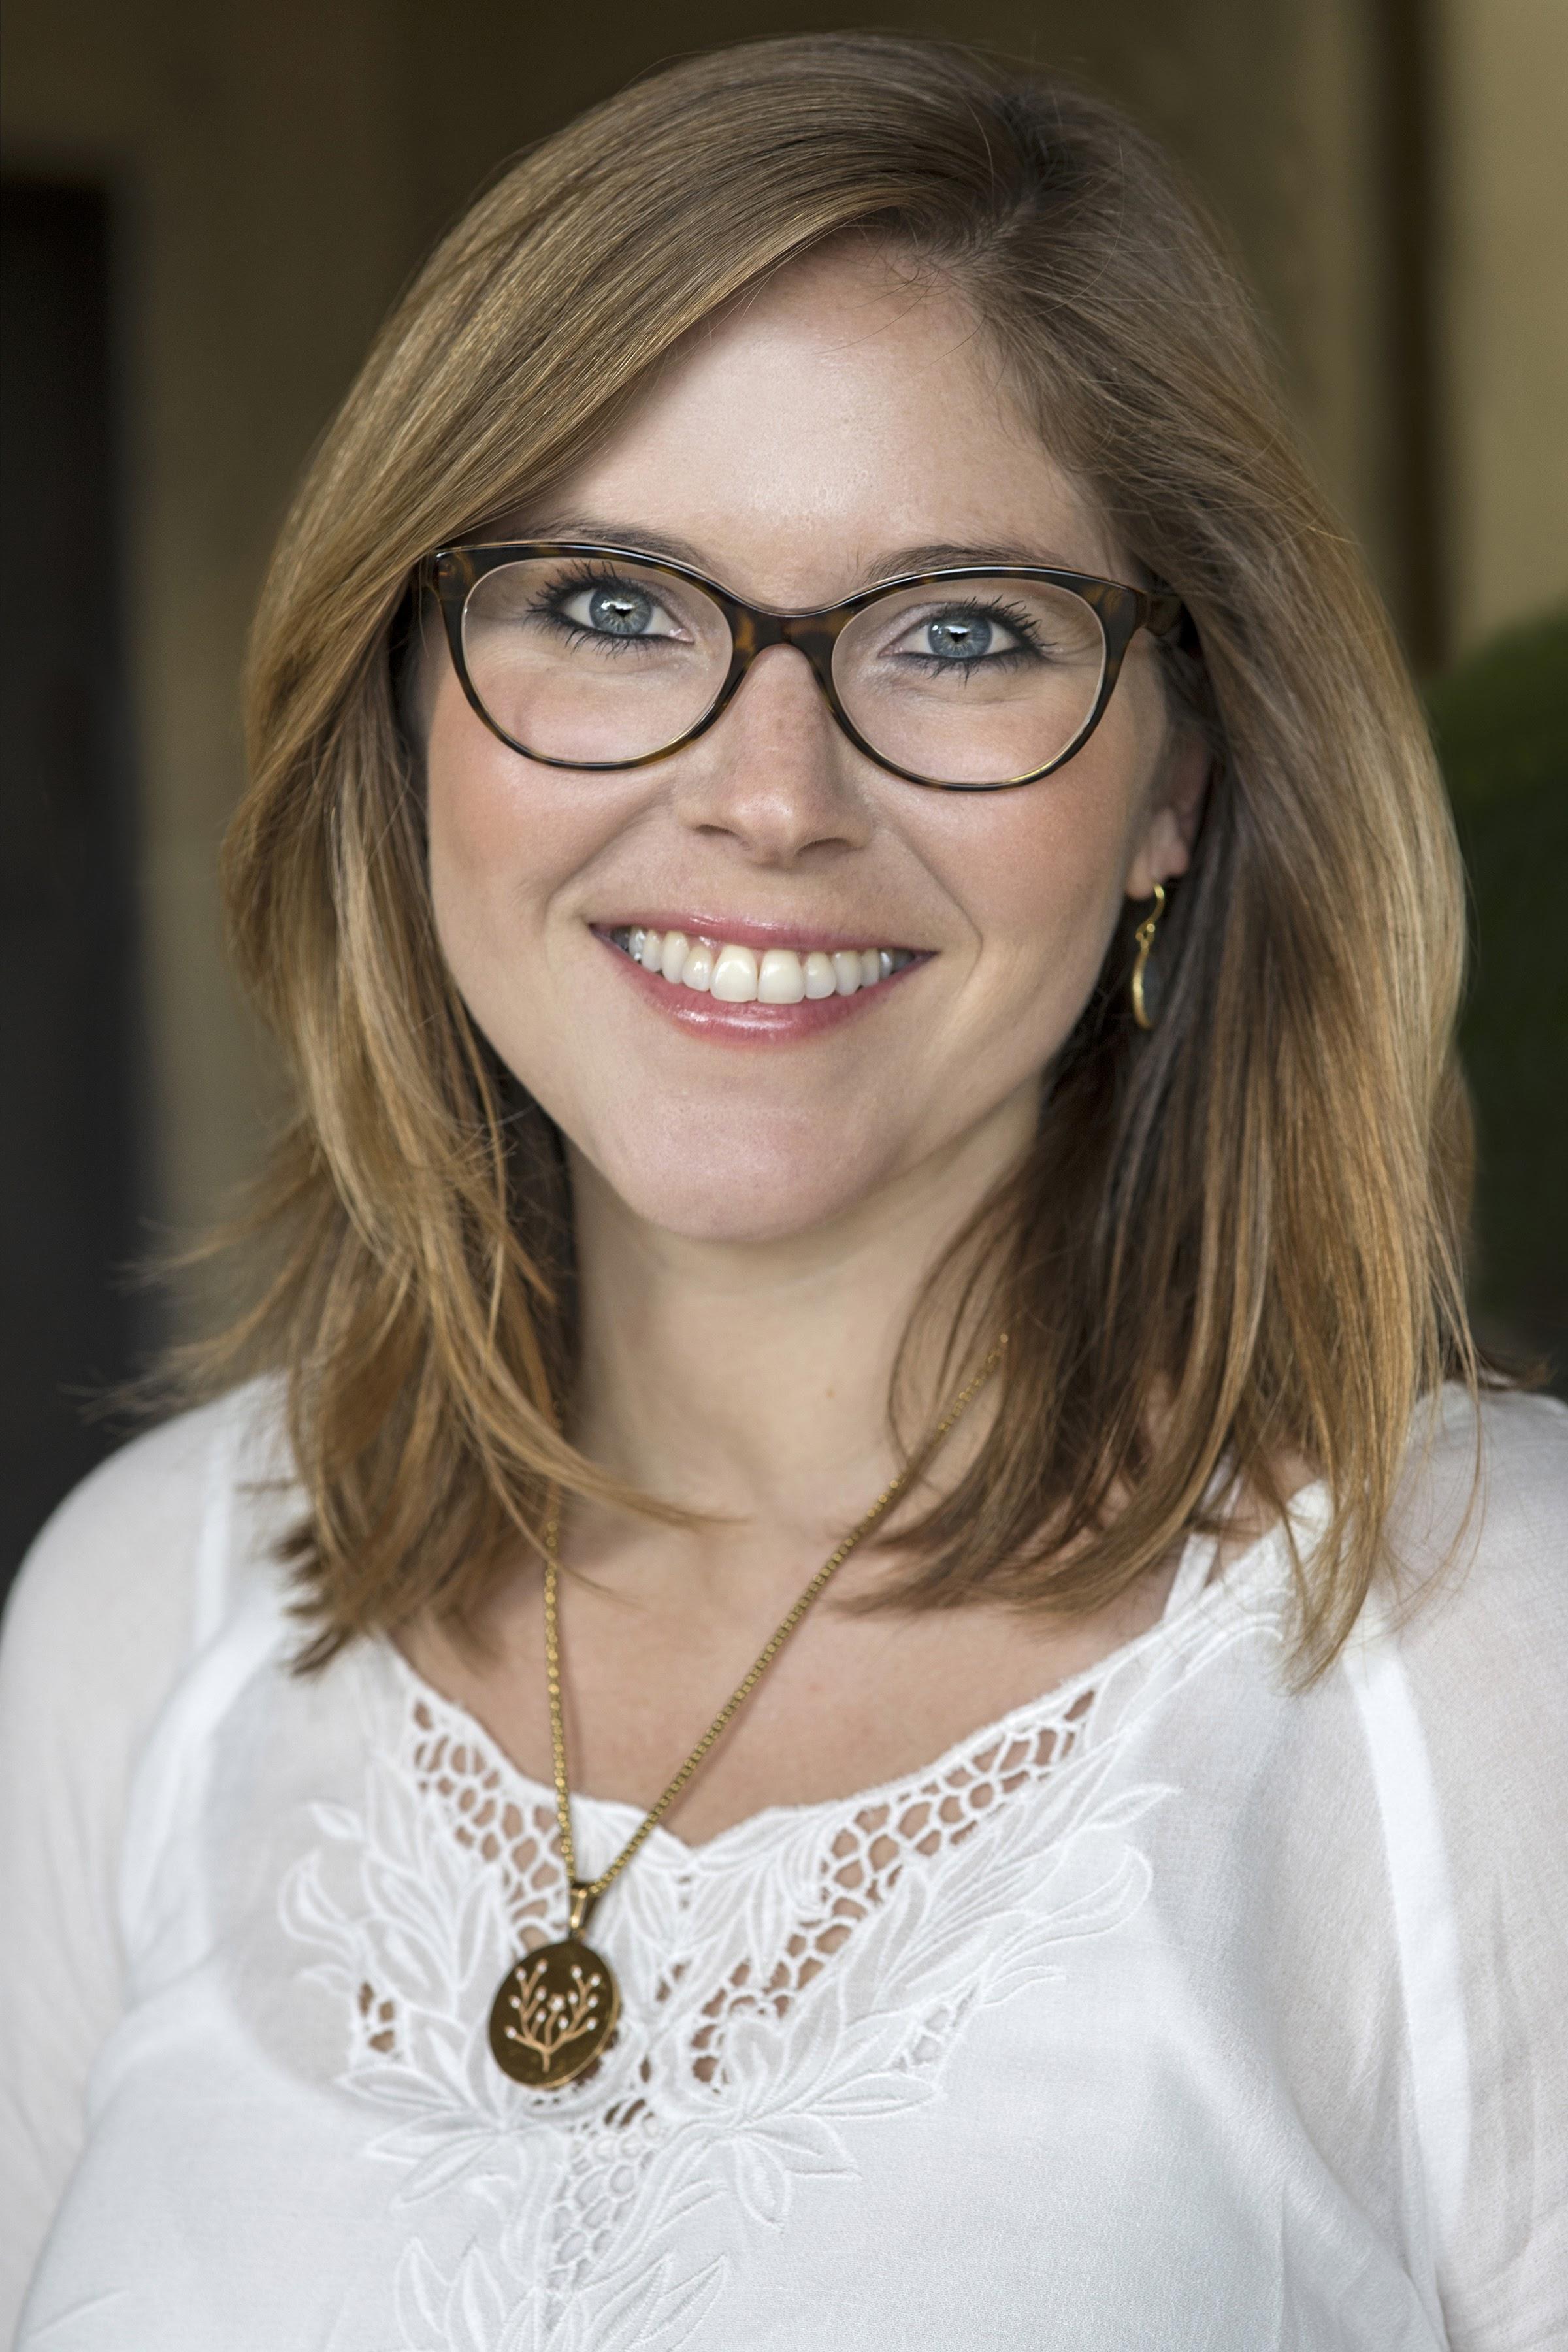 Alanna Holt